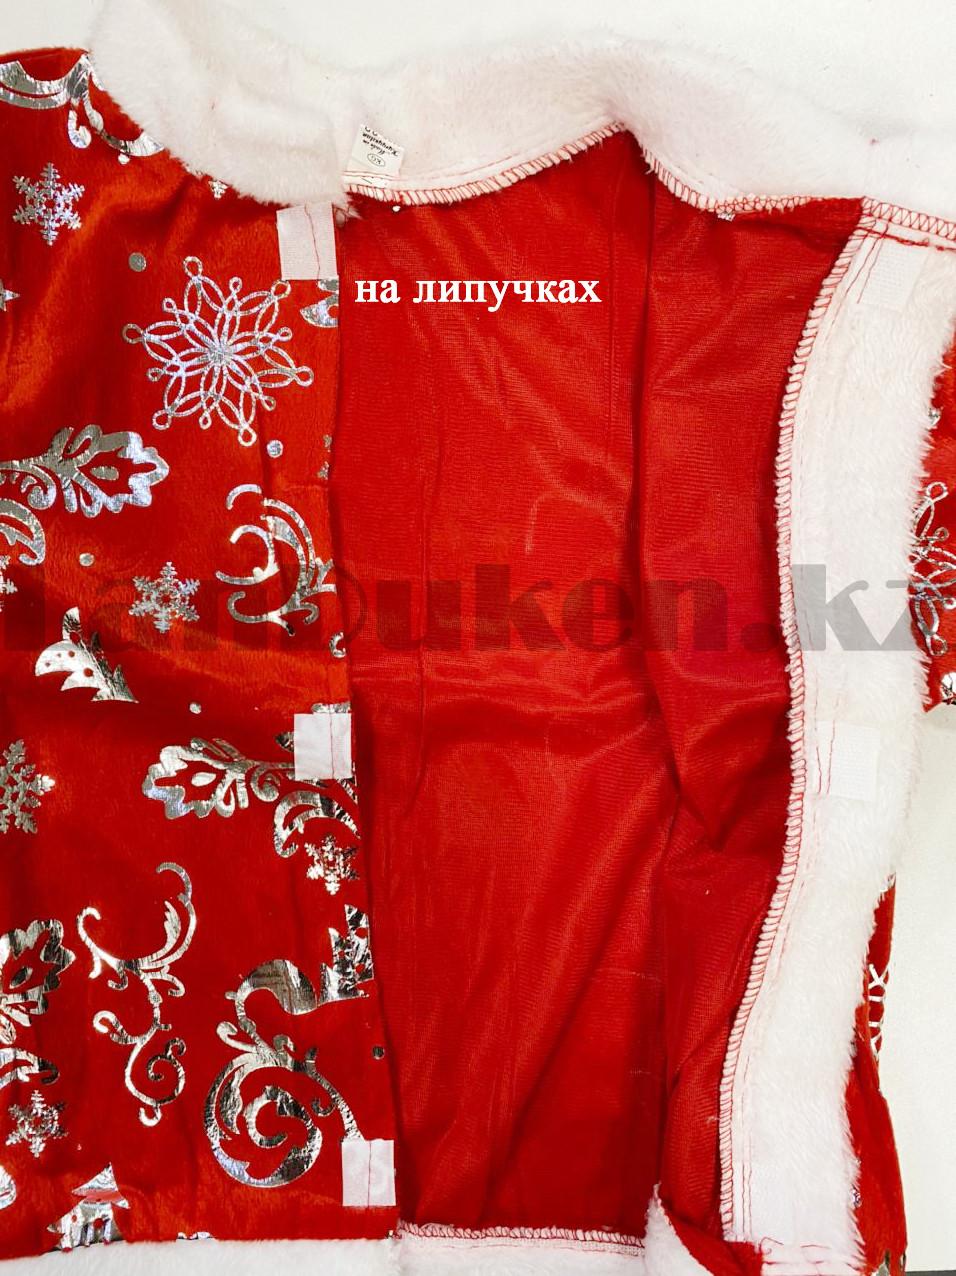 Костюм детский карнавальный раздельный Санты Клауса Santa Claus с узором - фото 4